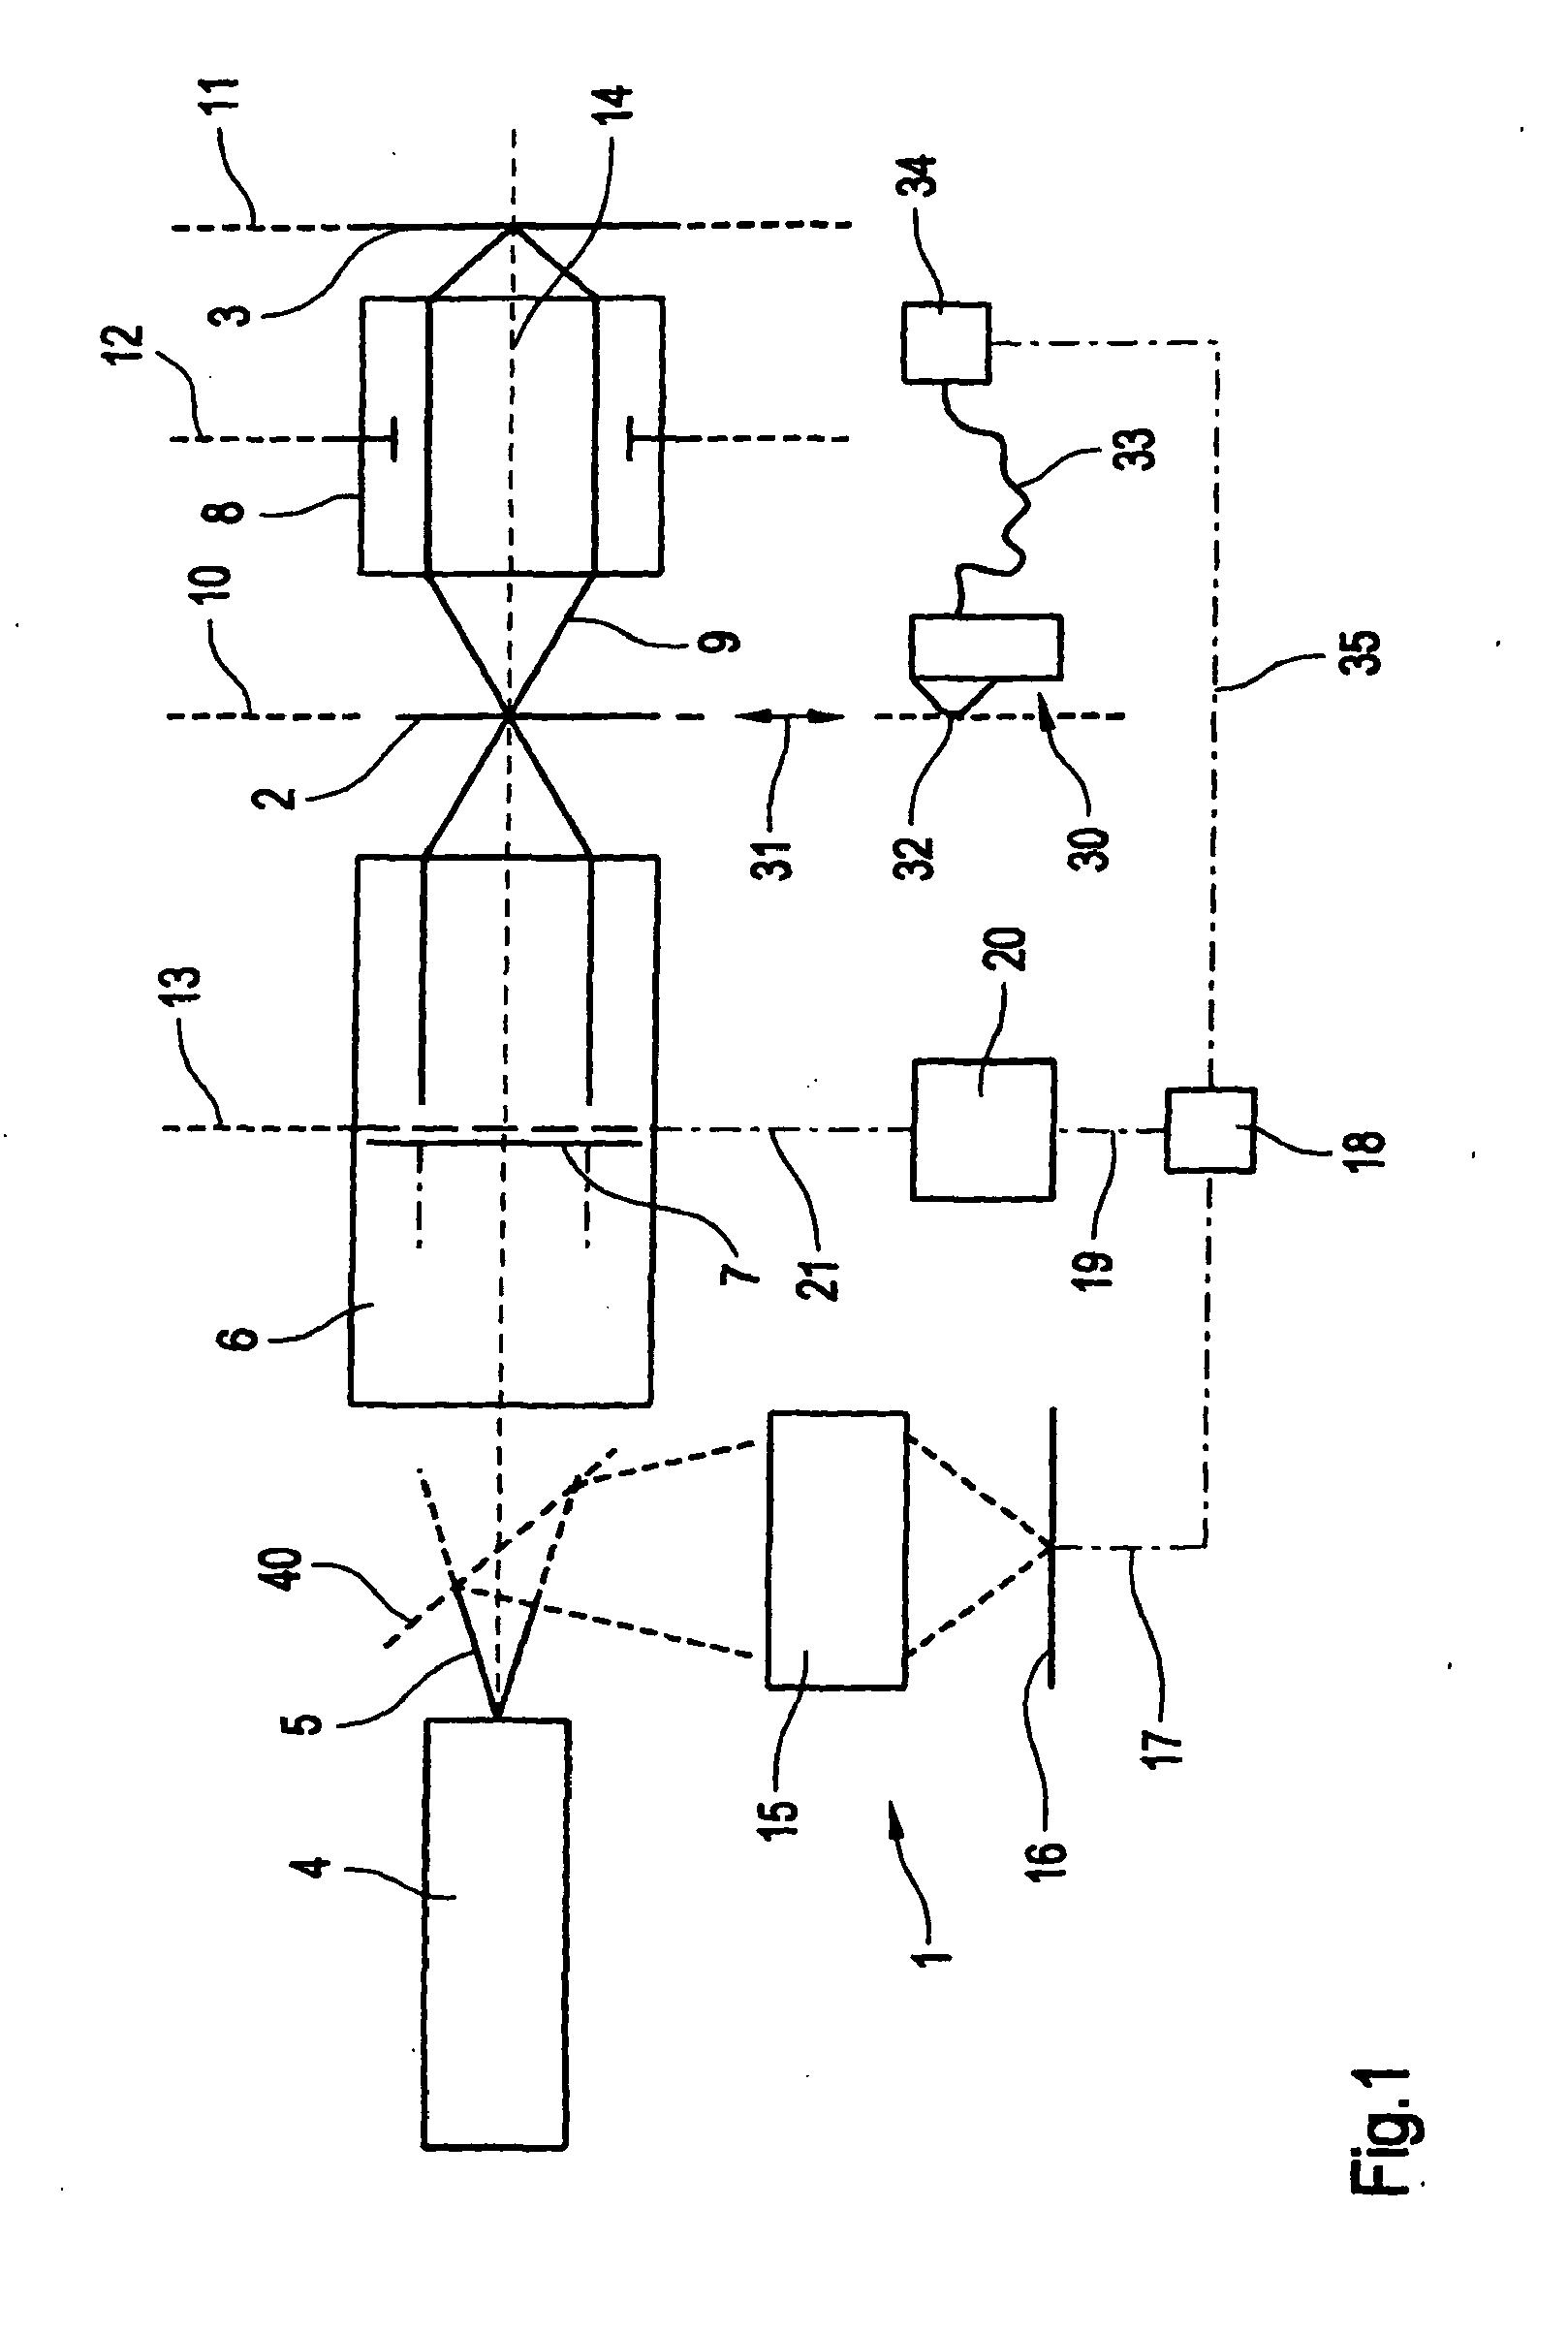 专利ep2278403a1 - a filter